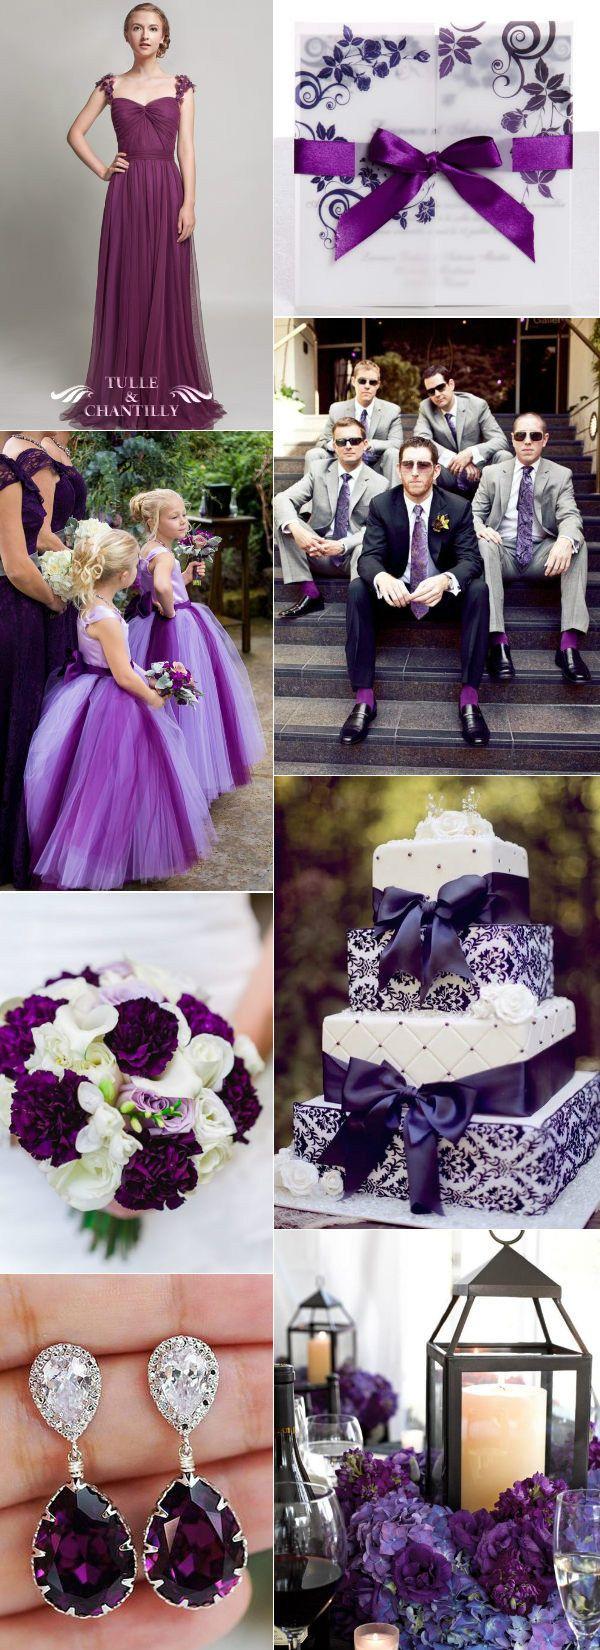 Elegant Plum Purple Wedding Ideas